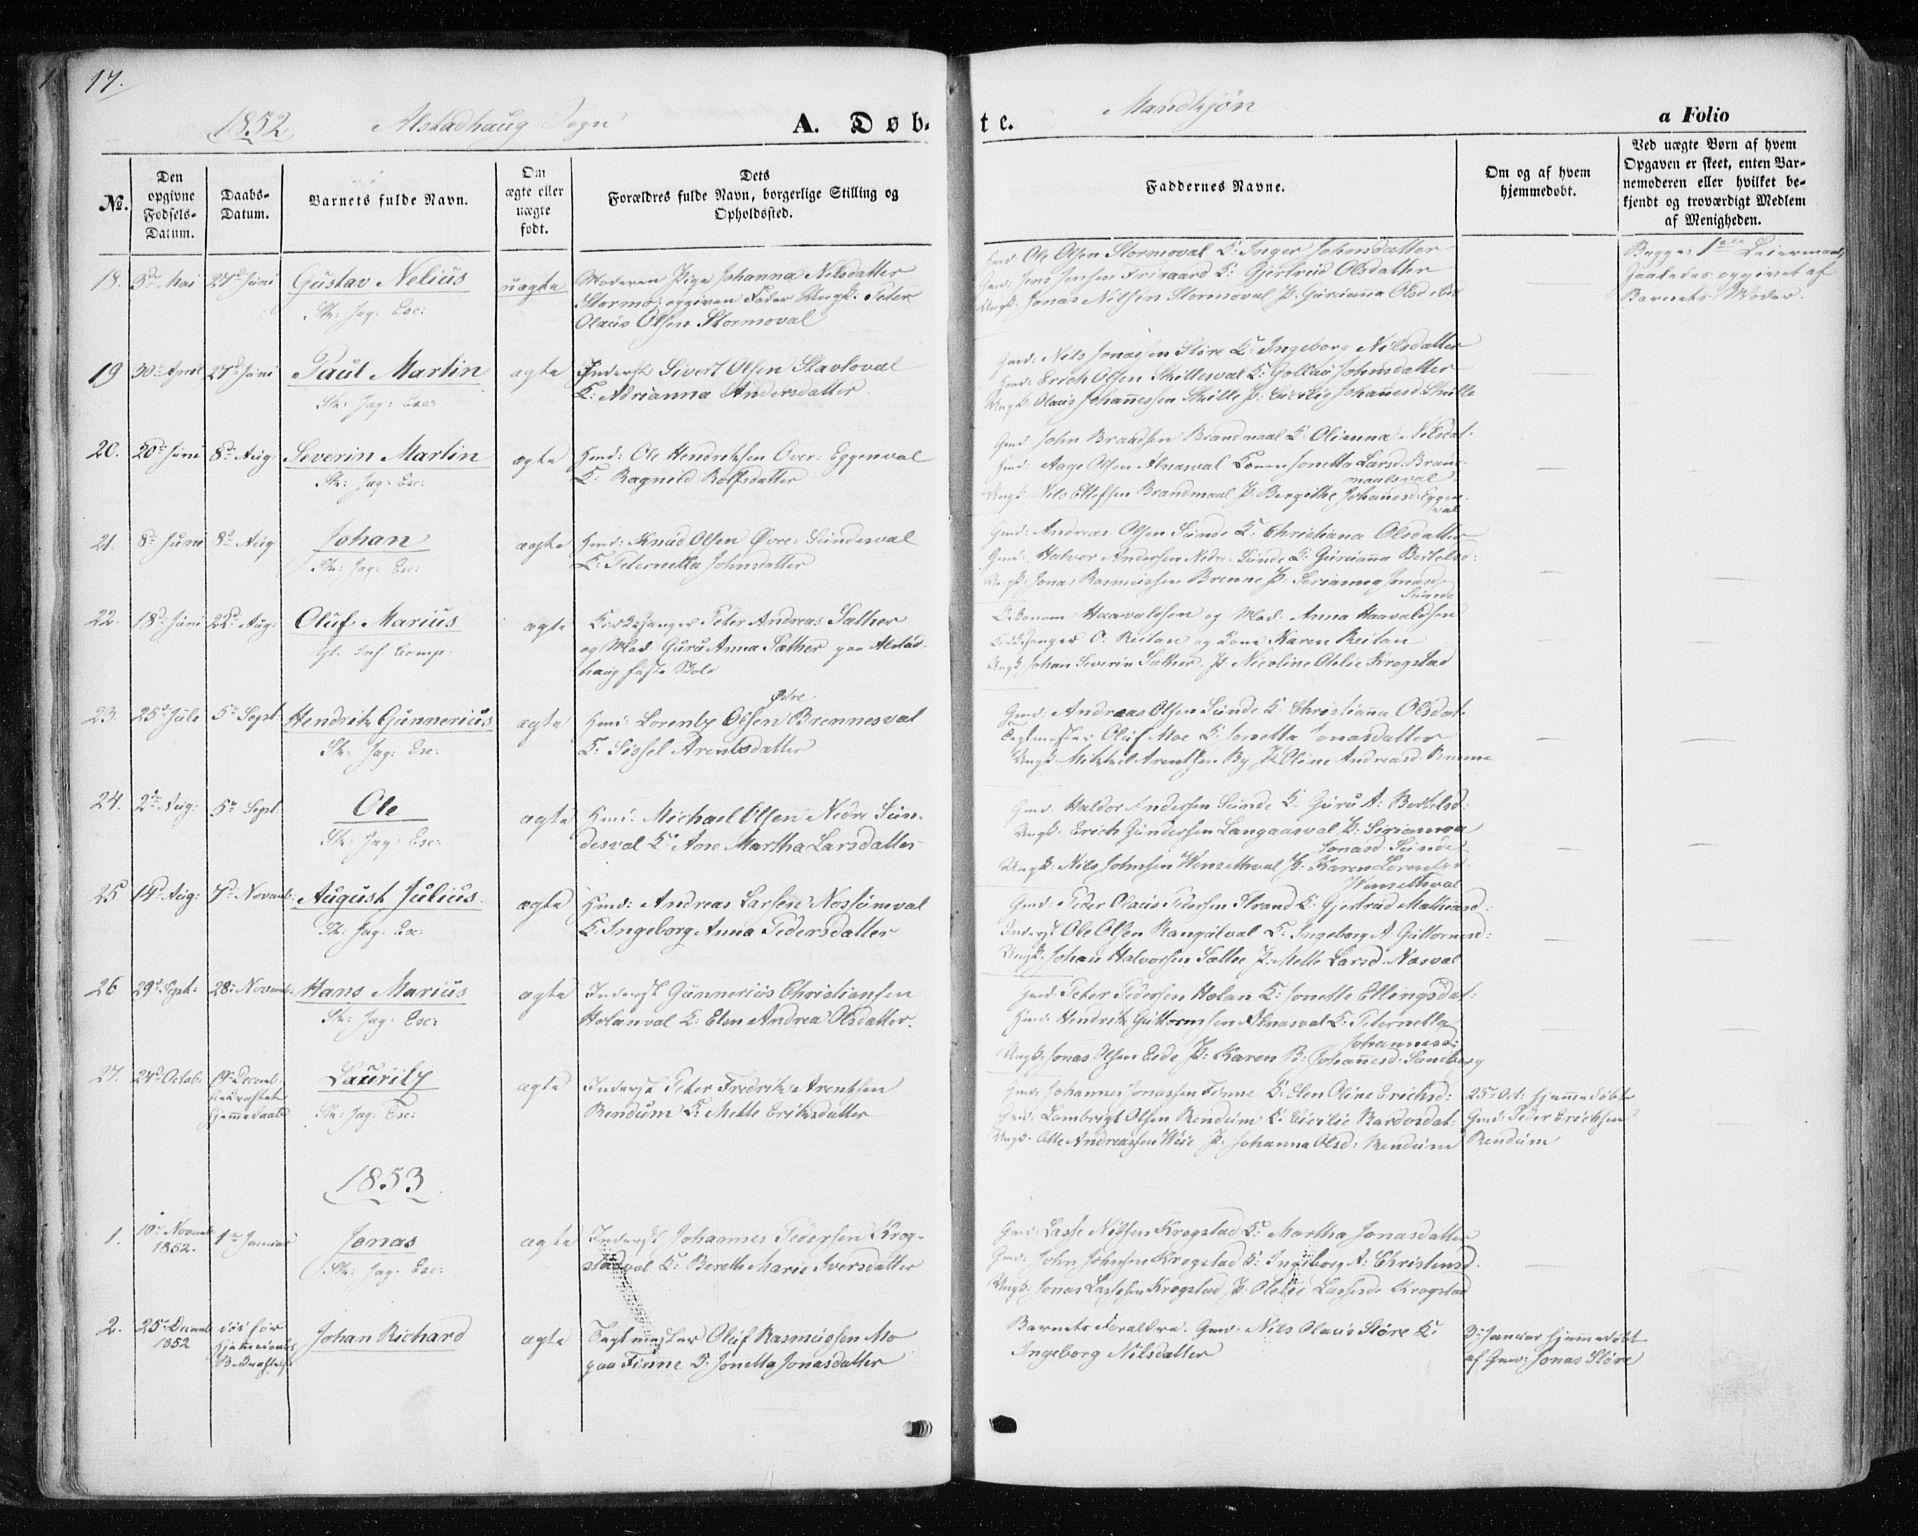 SAT, Ministerialprotokoller, klokkerbøker og fødselsregistre - Nord-Trøndelag, 717/L0154: Ministerialbok nr. 717A07 /1, 1850-1862, s. 17